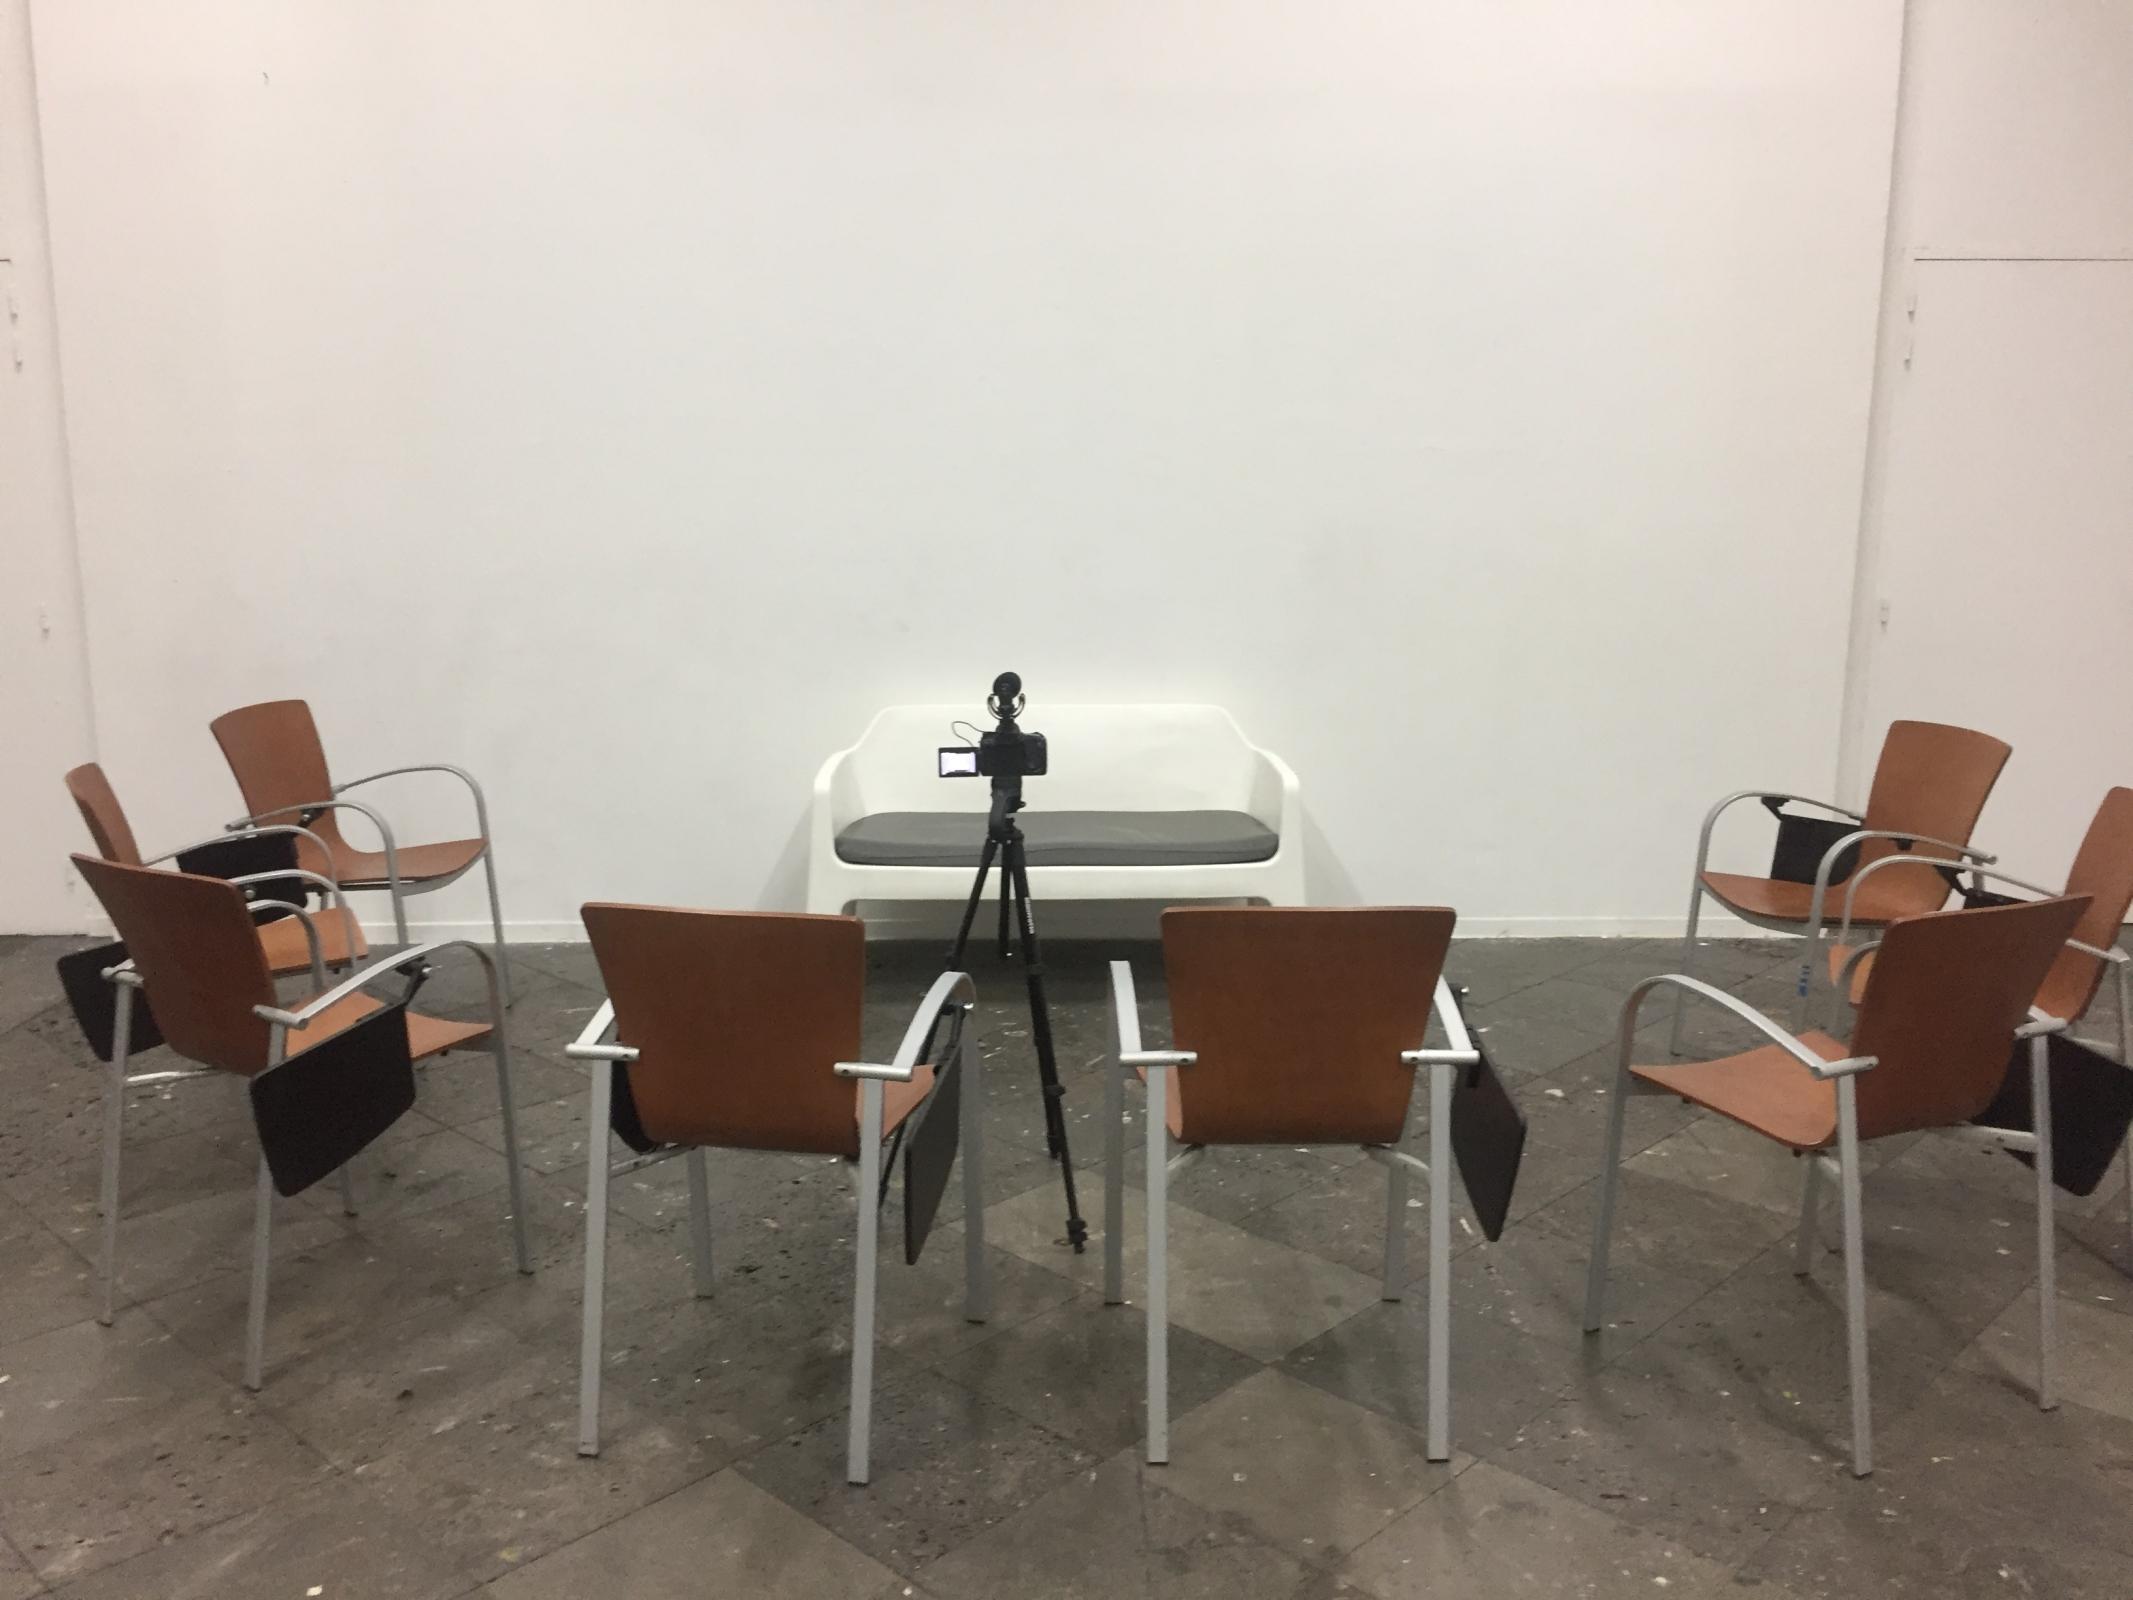 herstory-esa-reunion-julie-crenn-pascal-lievre-fracreunion-2019